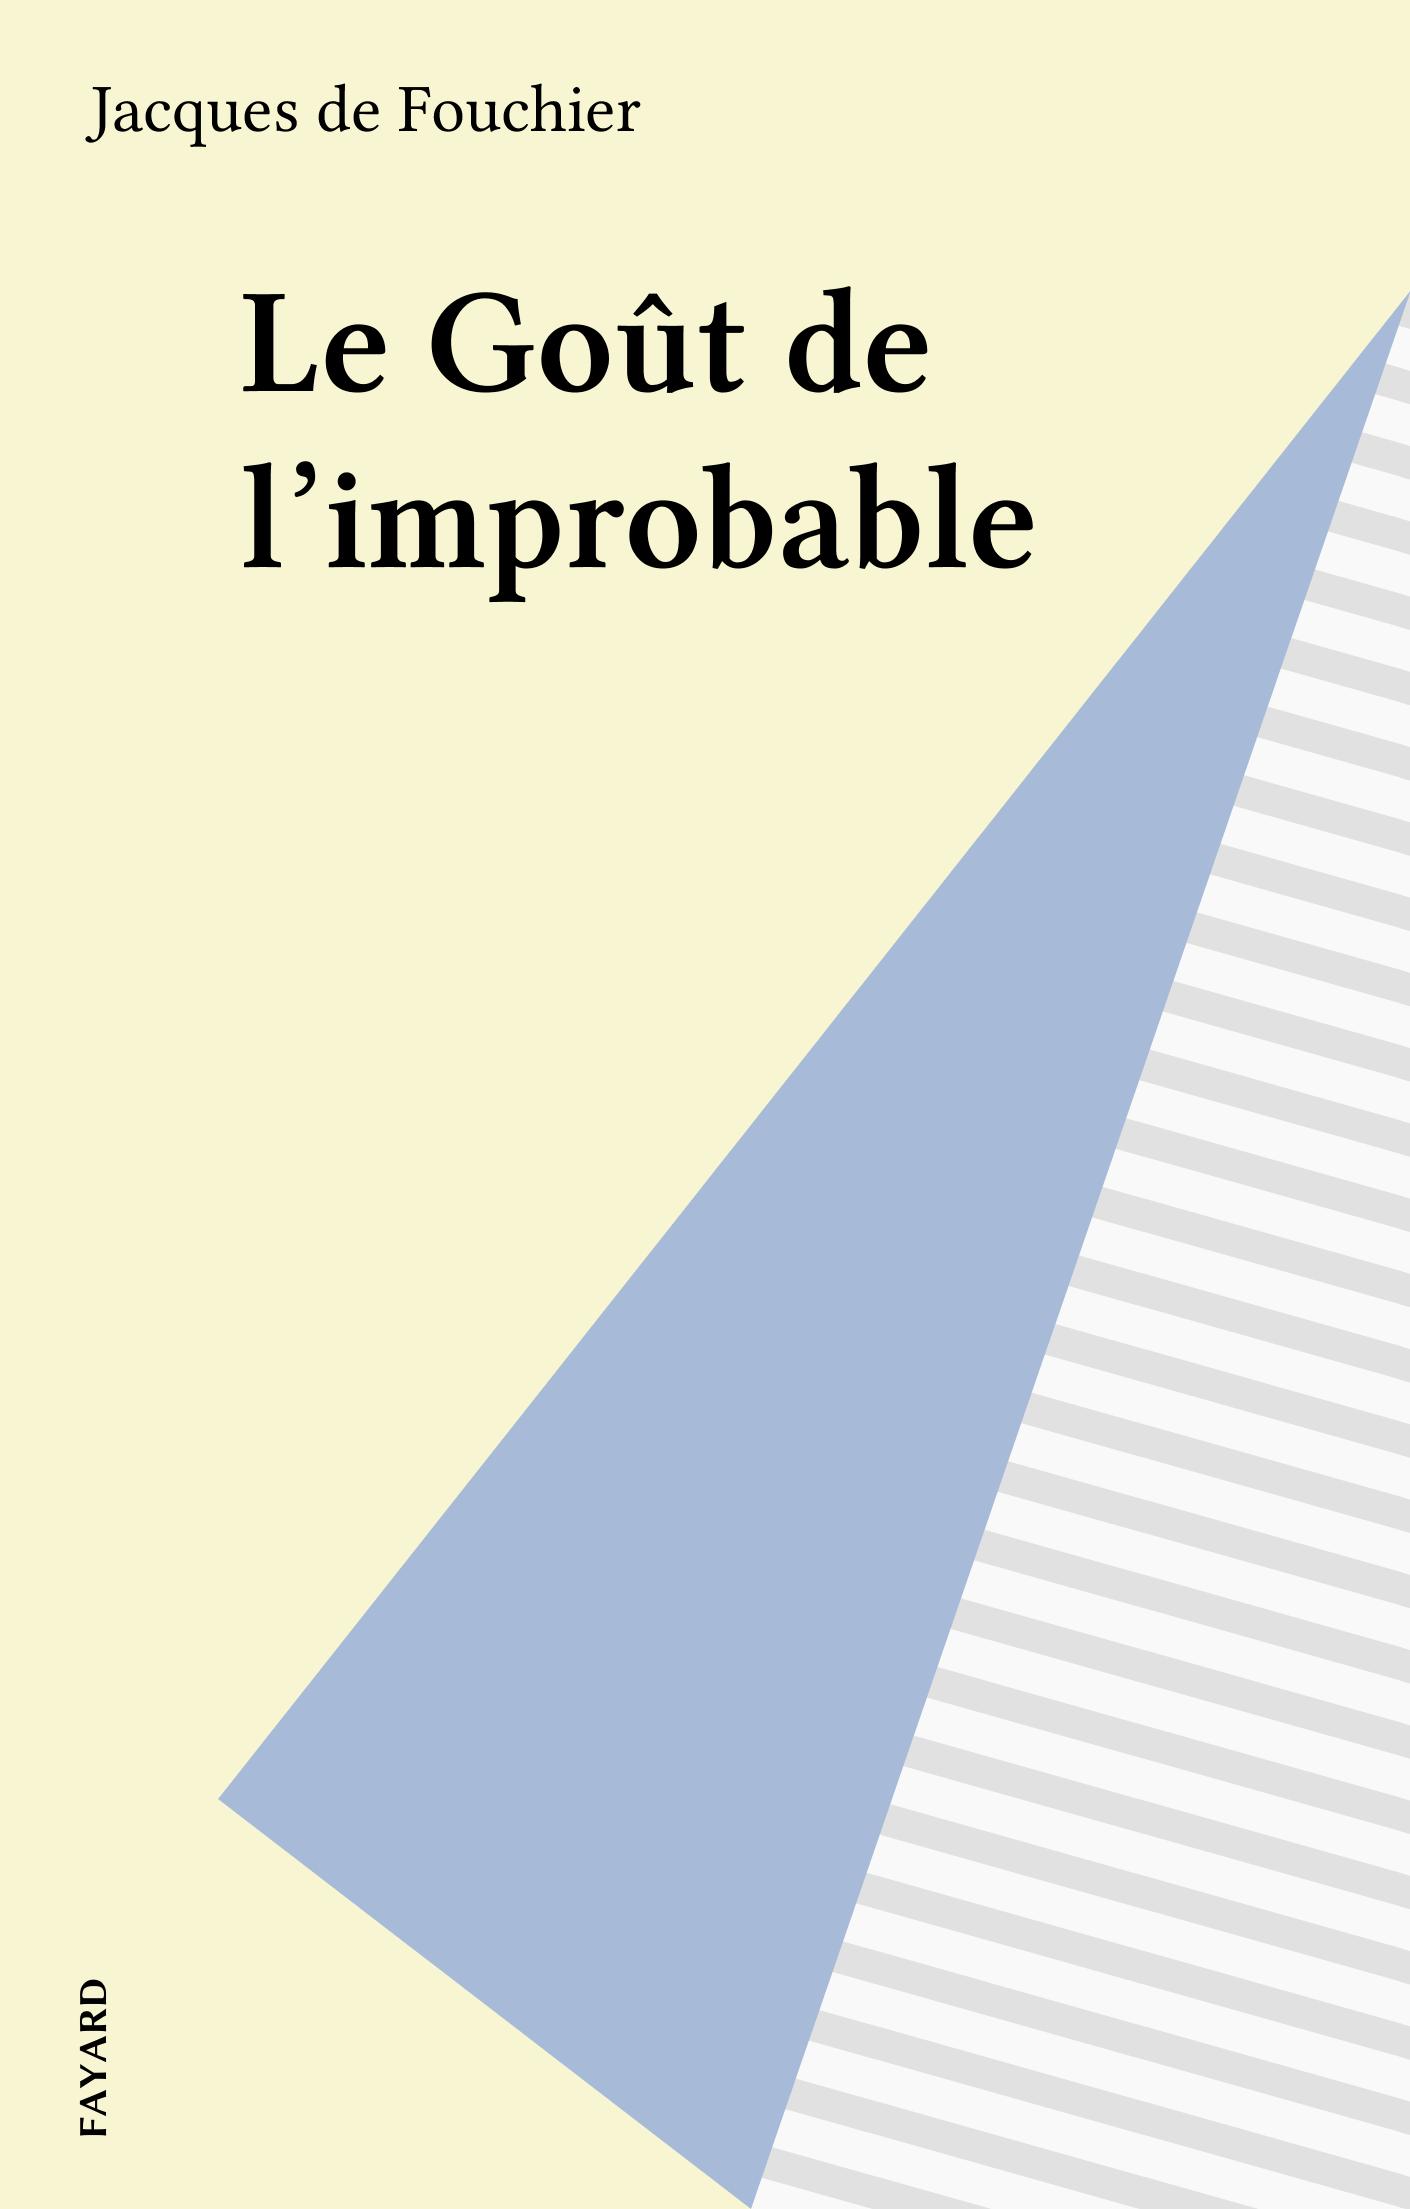 Le Goût de l'improbable